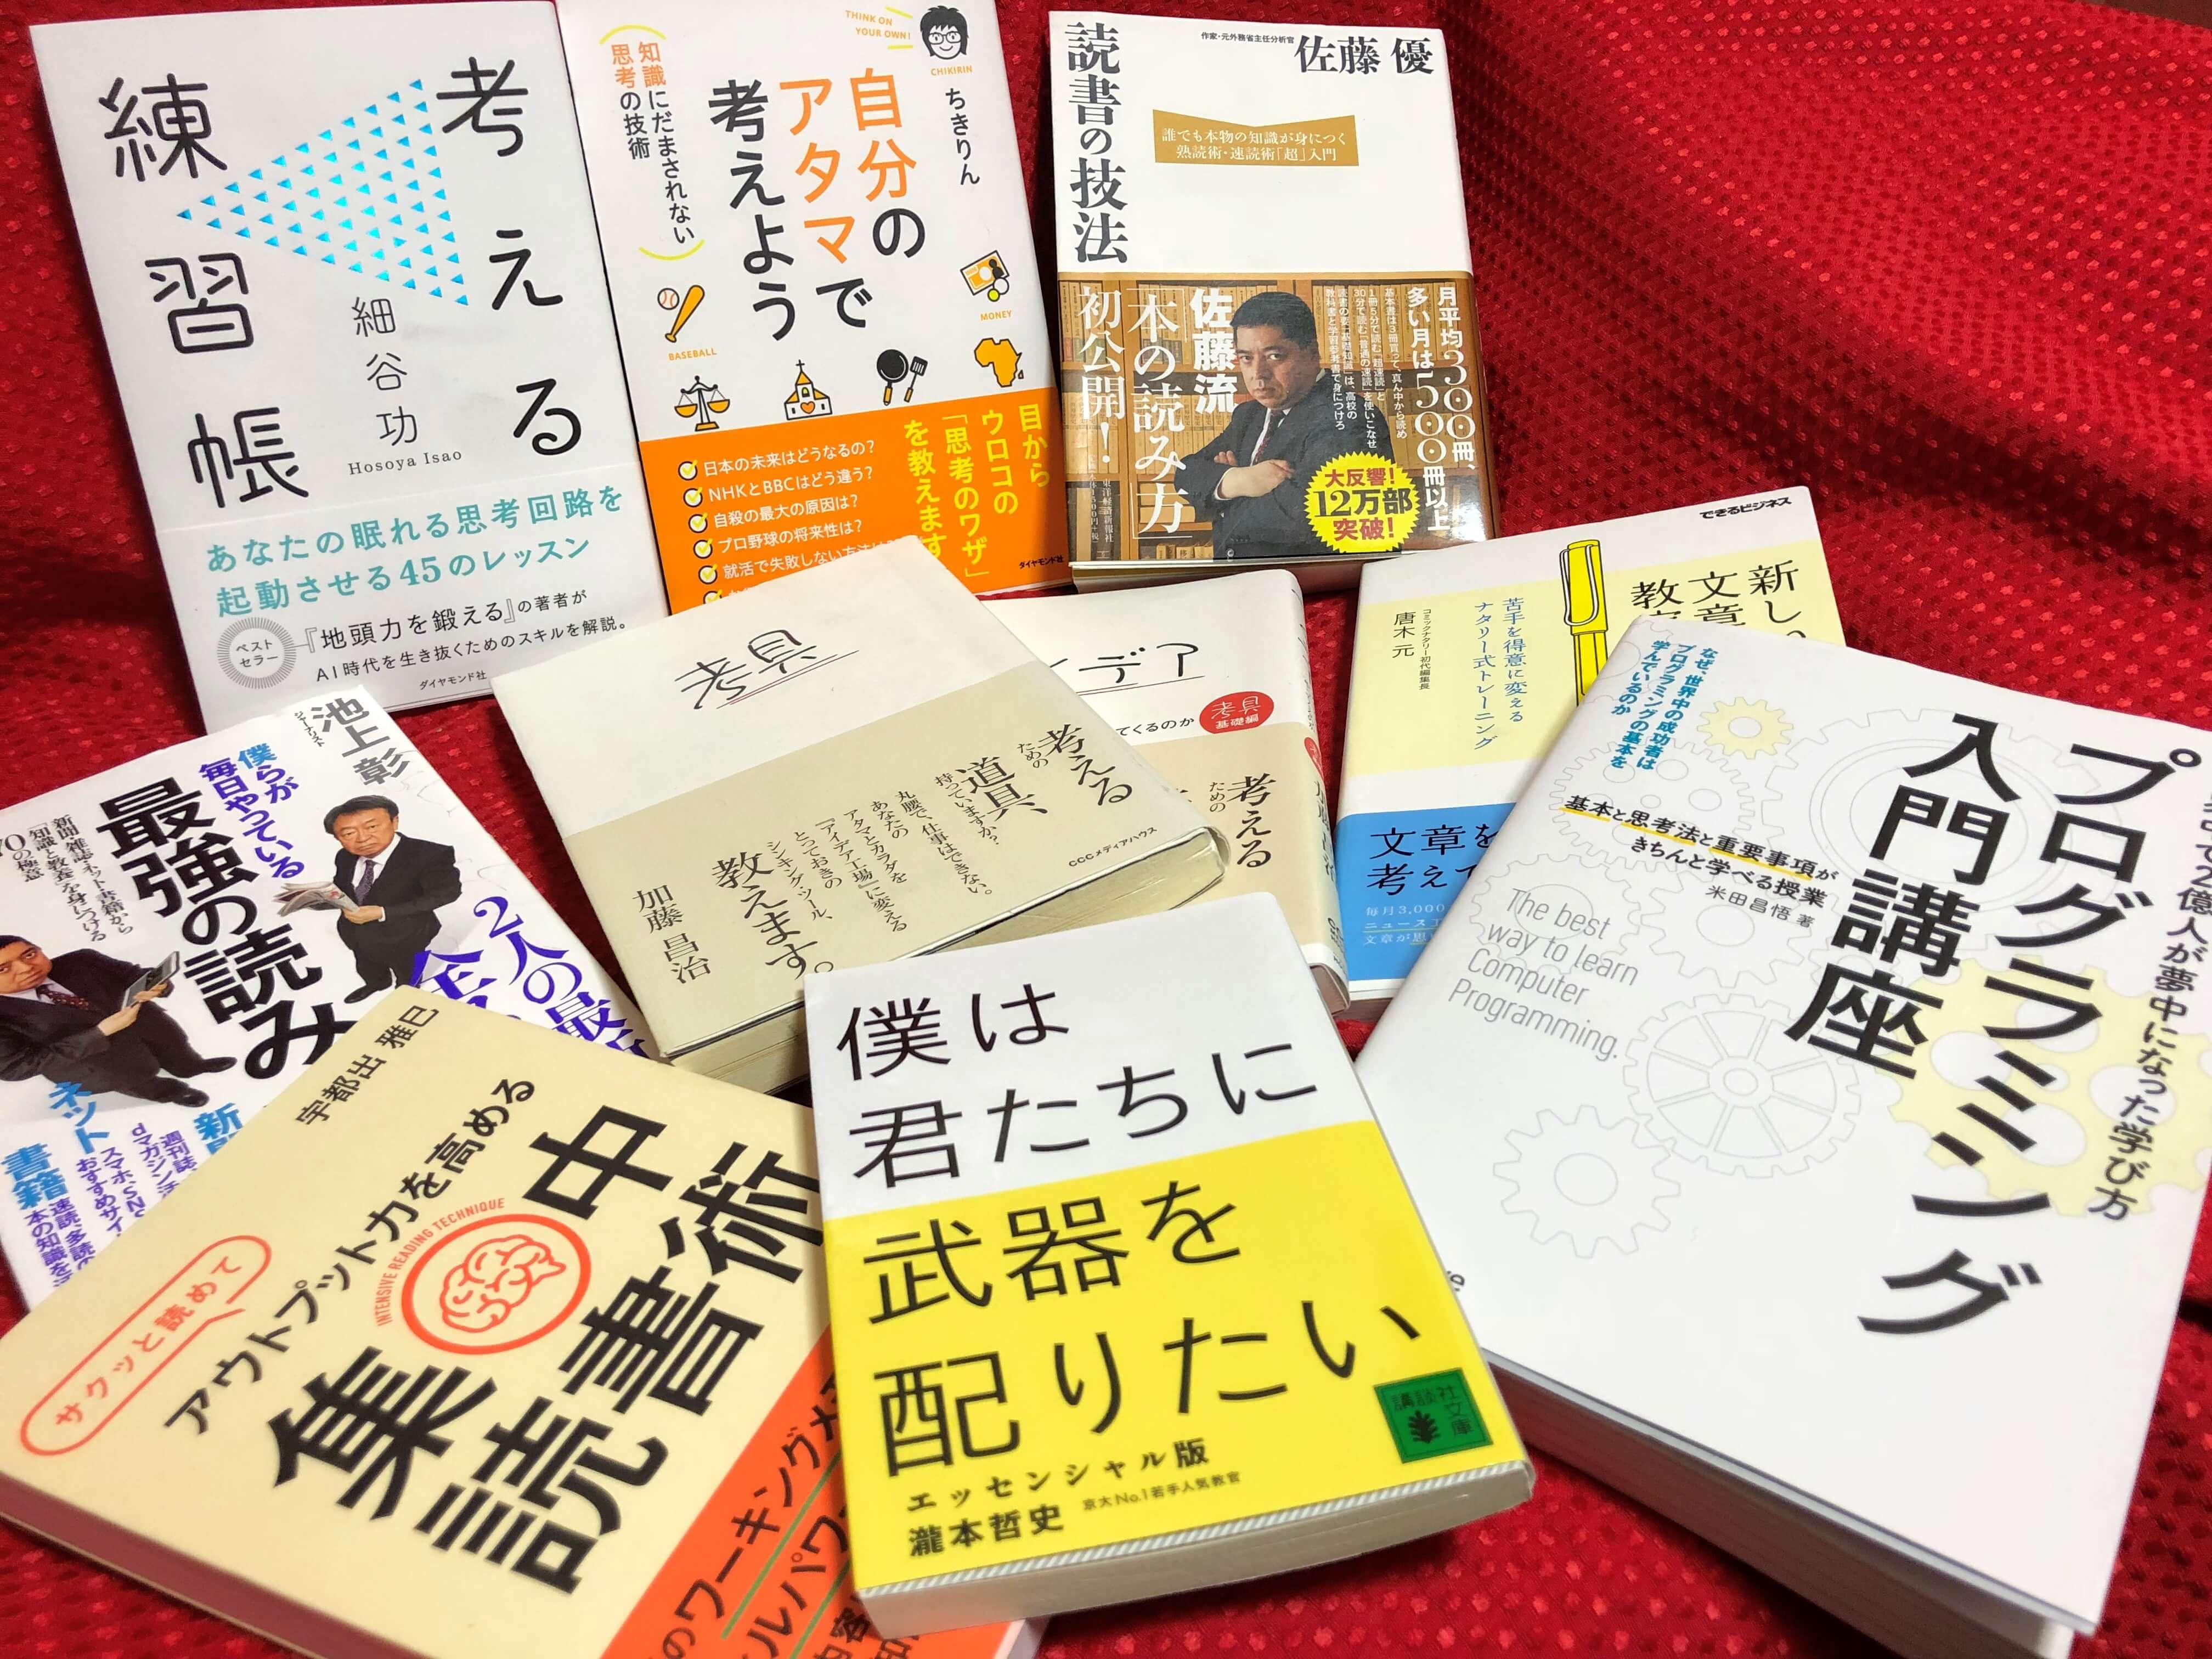 社会人リスタートに役立ちそうな本10冊